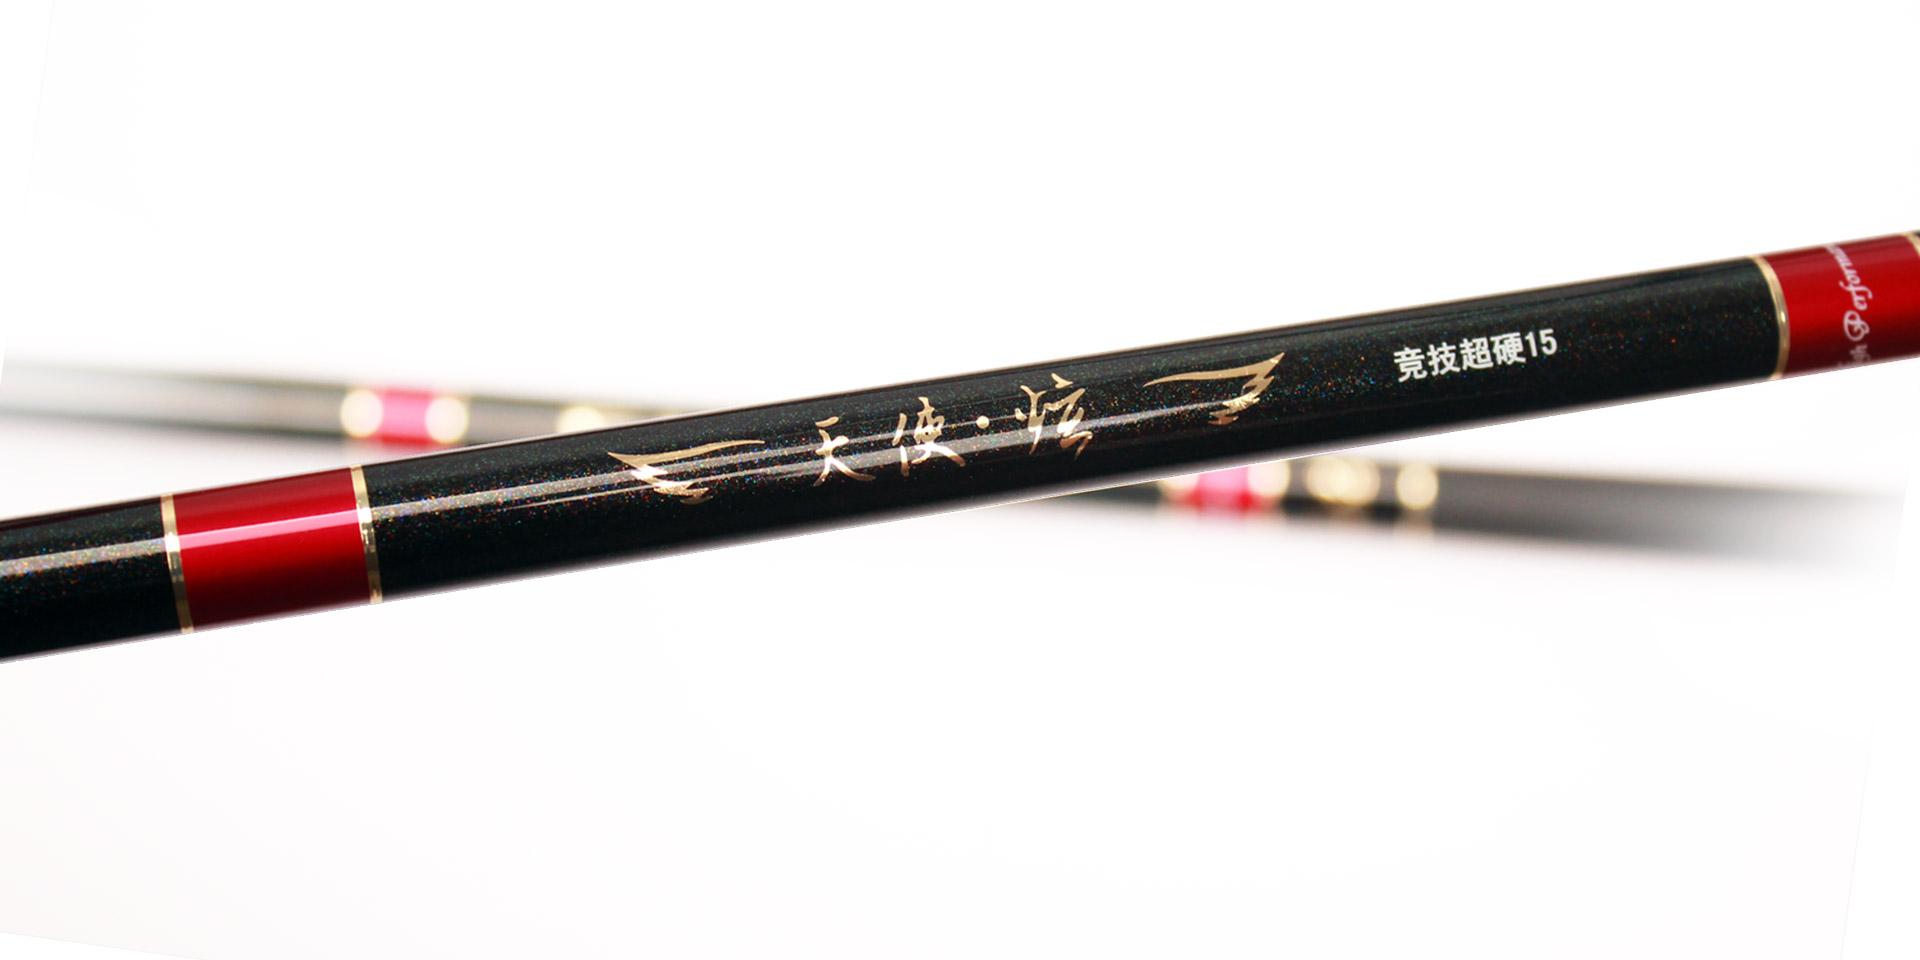 竿身黑色 阳光下变为湖兰色 它那丰富的层次感和色彩感令人陶醉